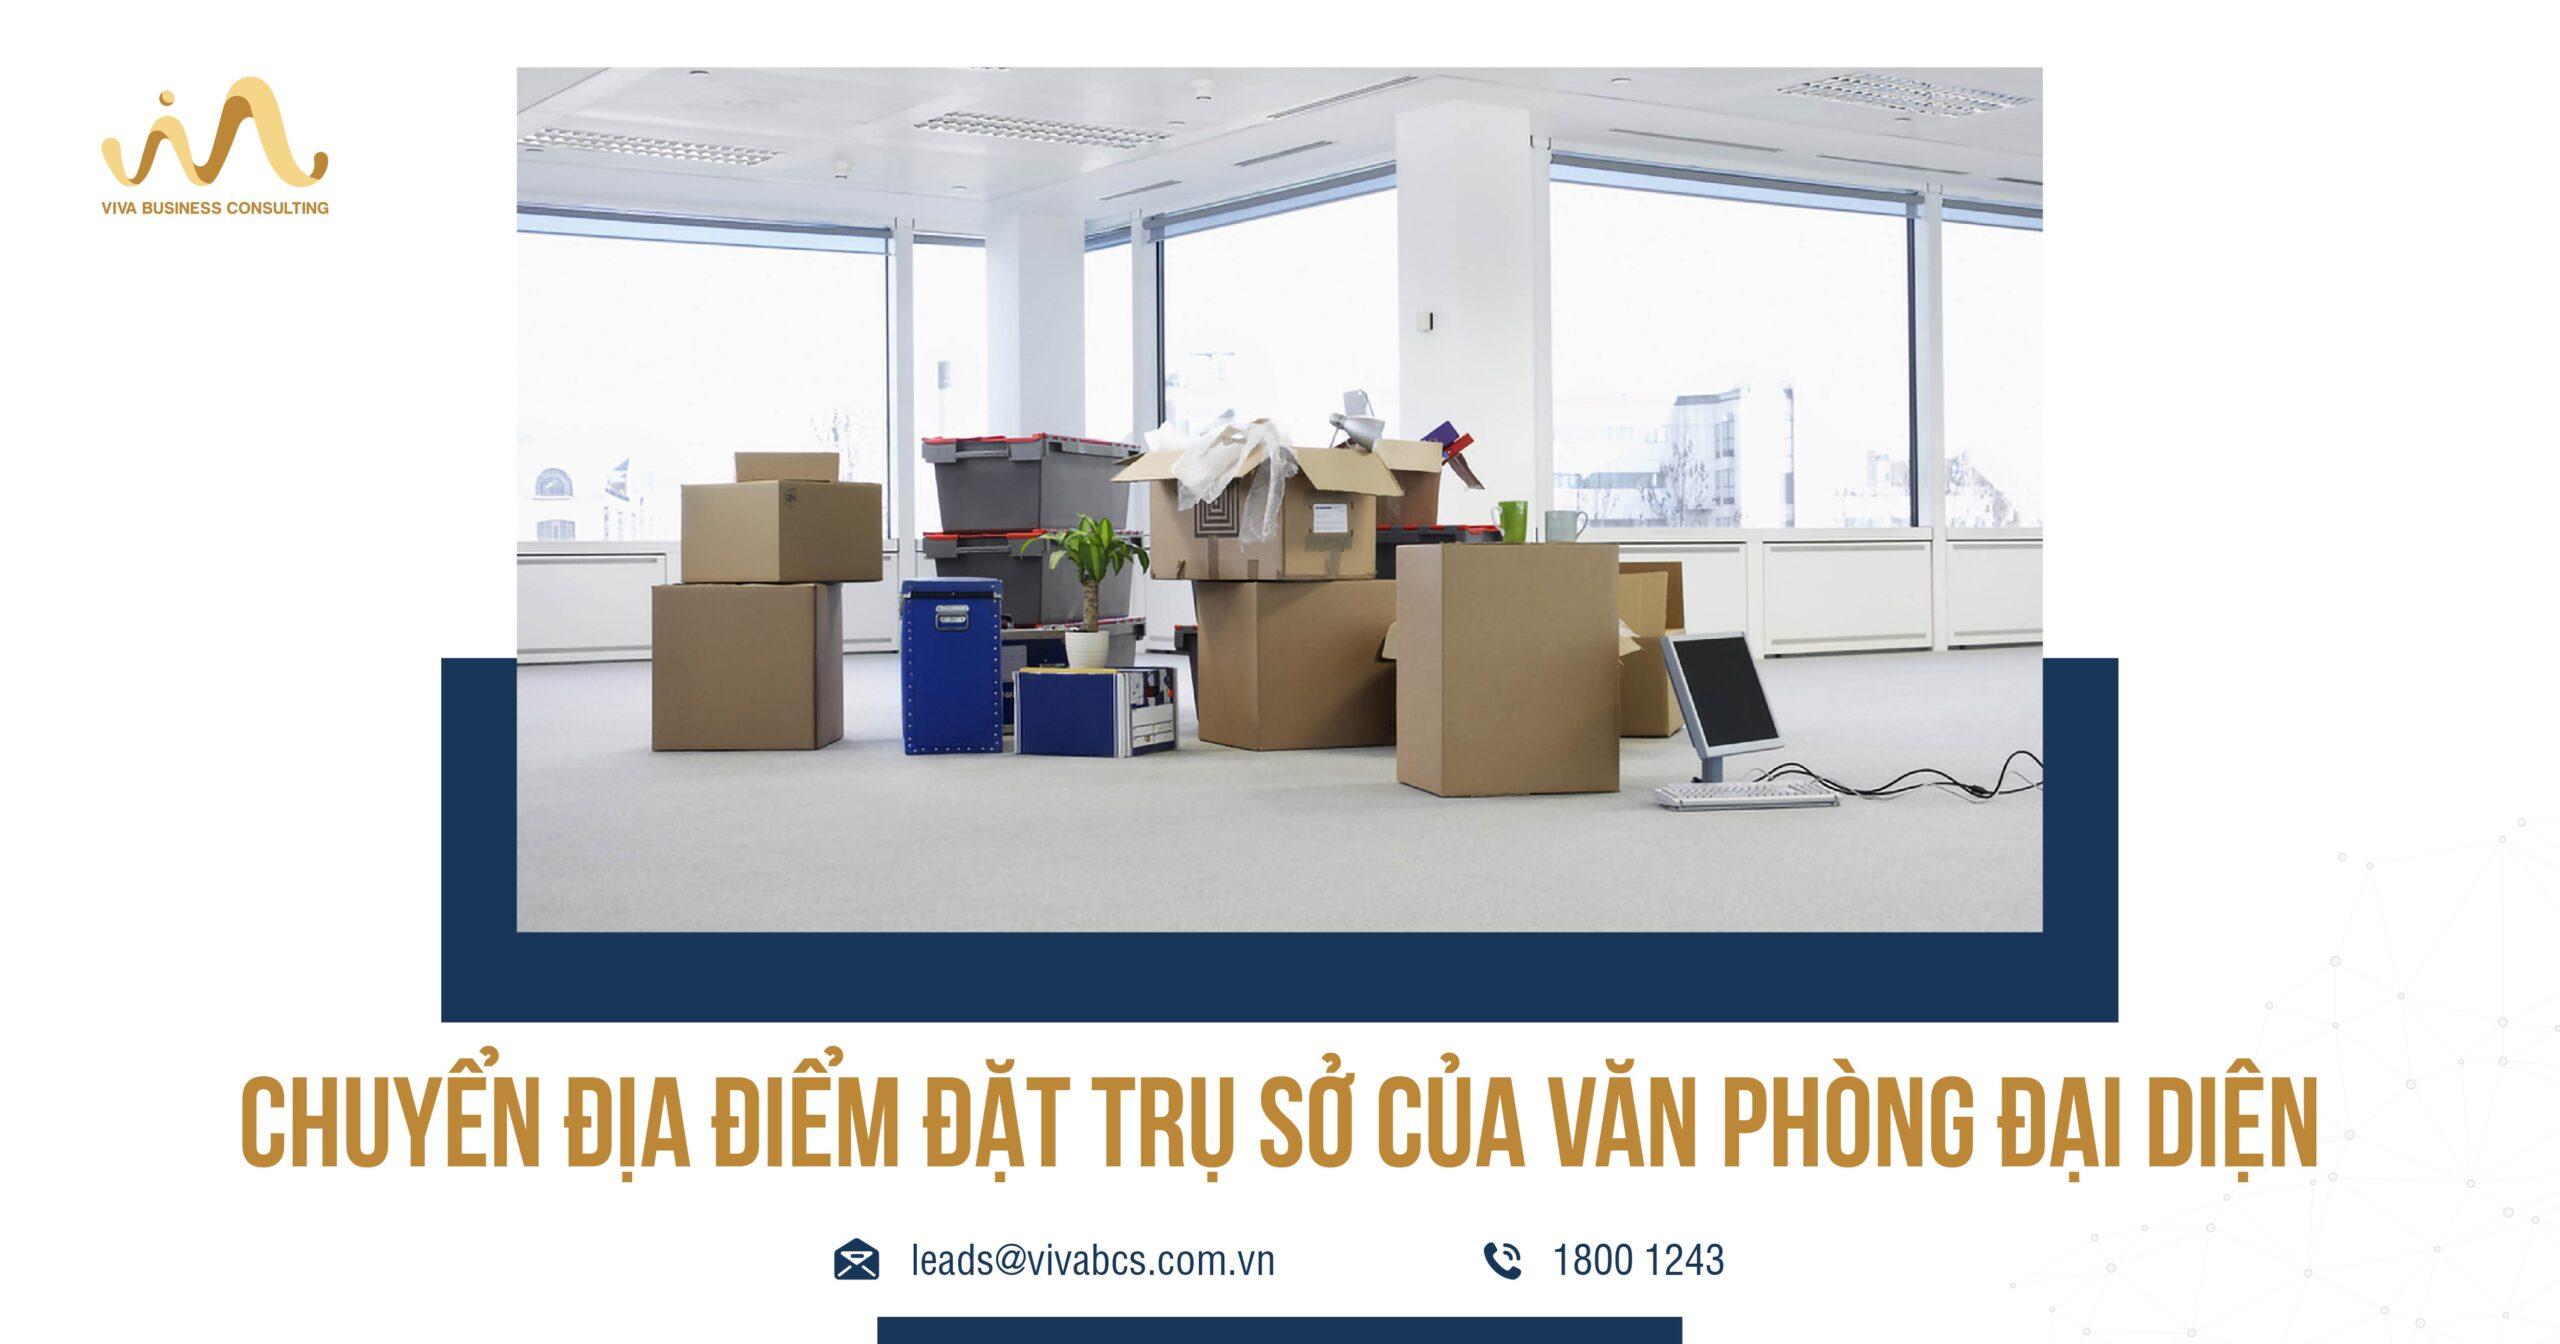 Chuyển địa điểm đặt trụ sở văn phòng đại diện nước ngoài tại Việt Nam